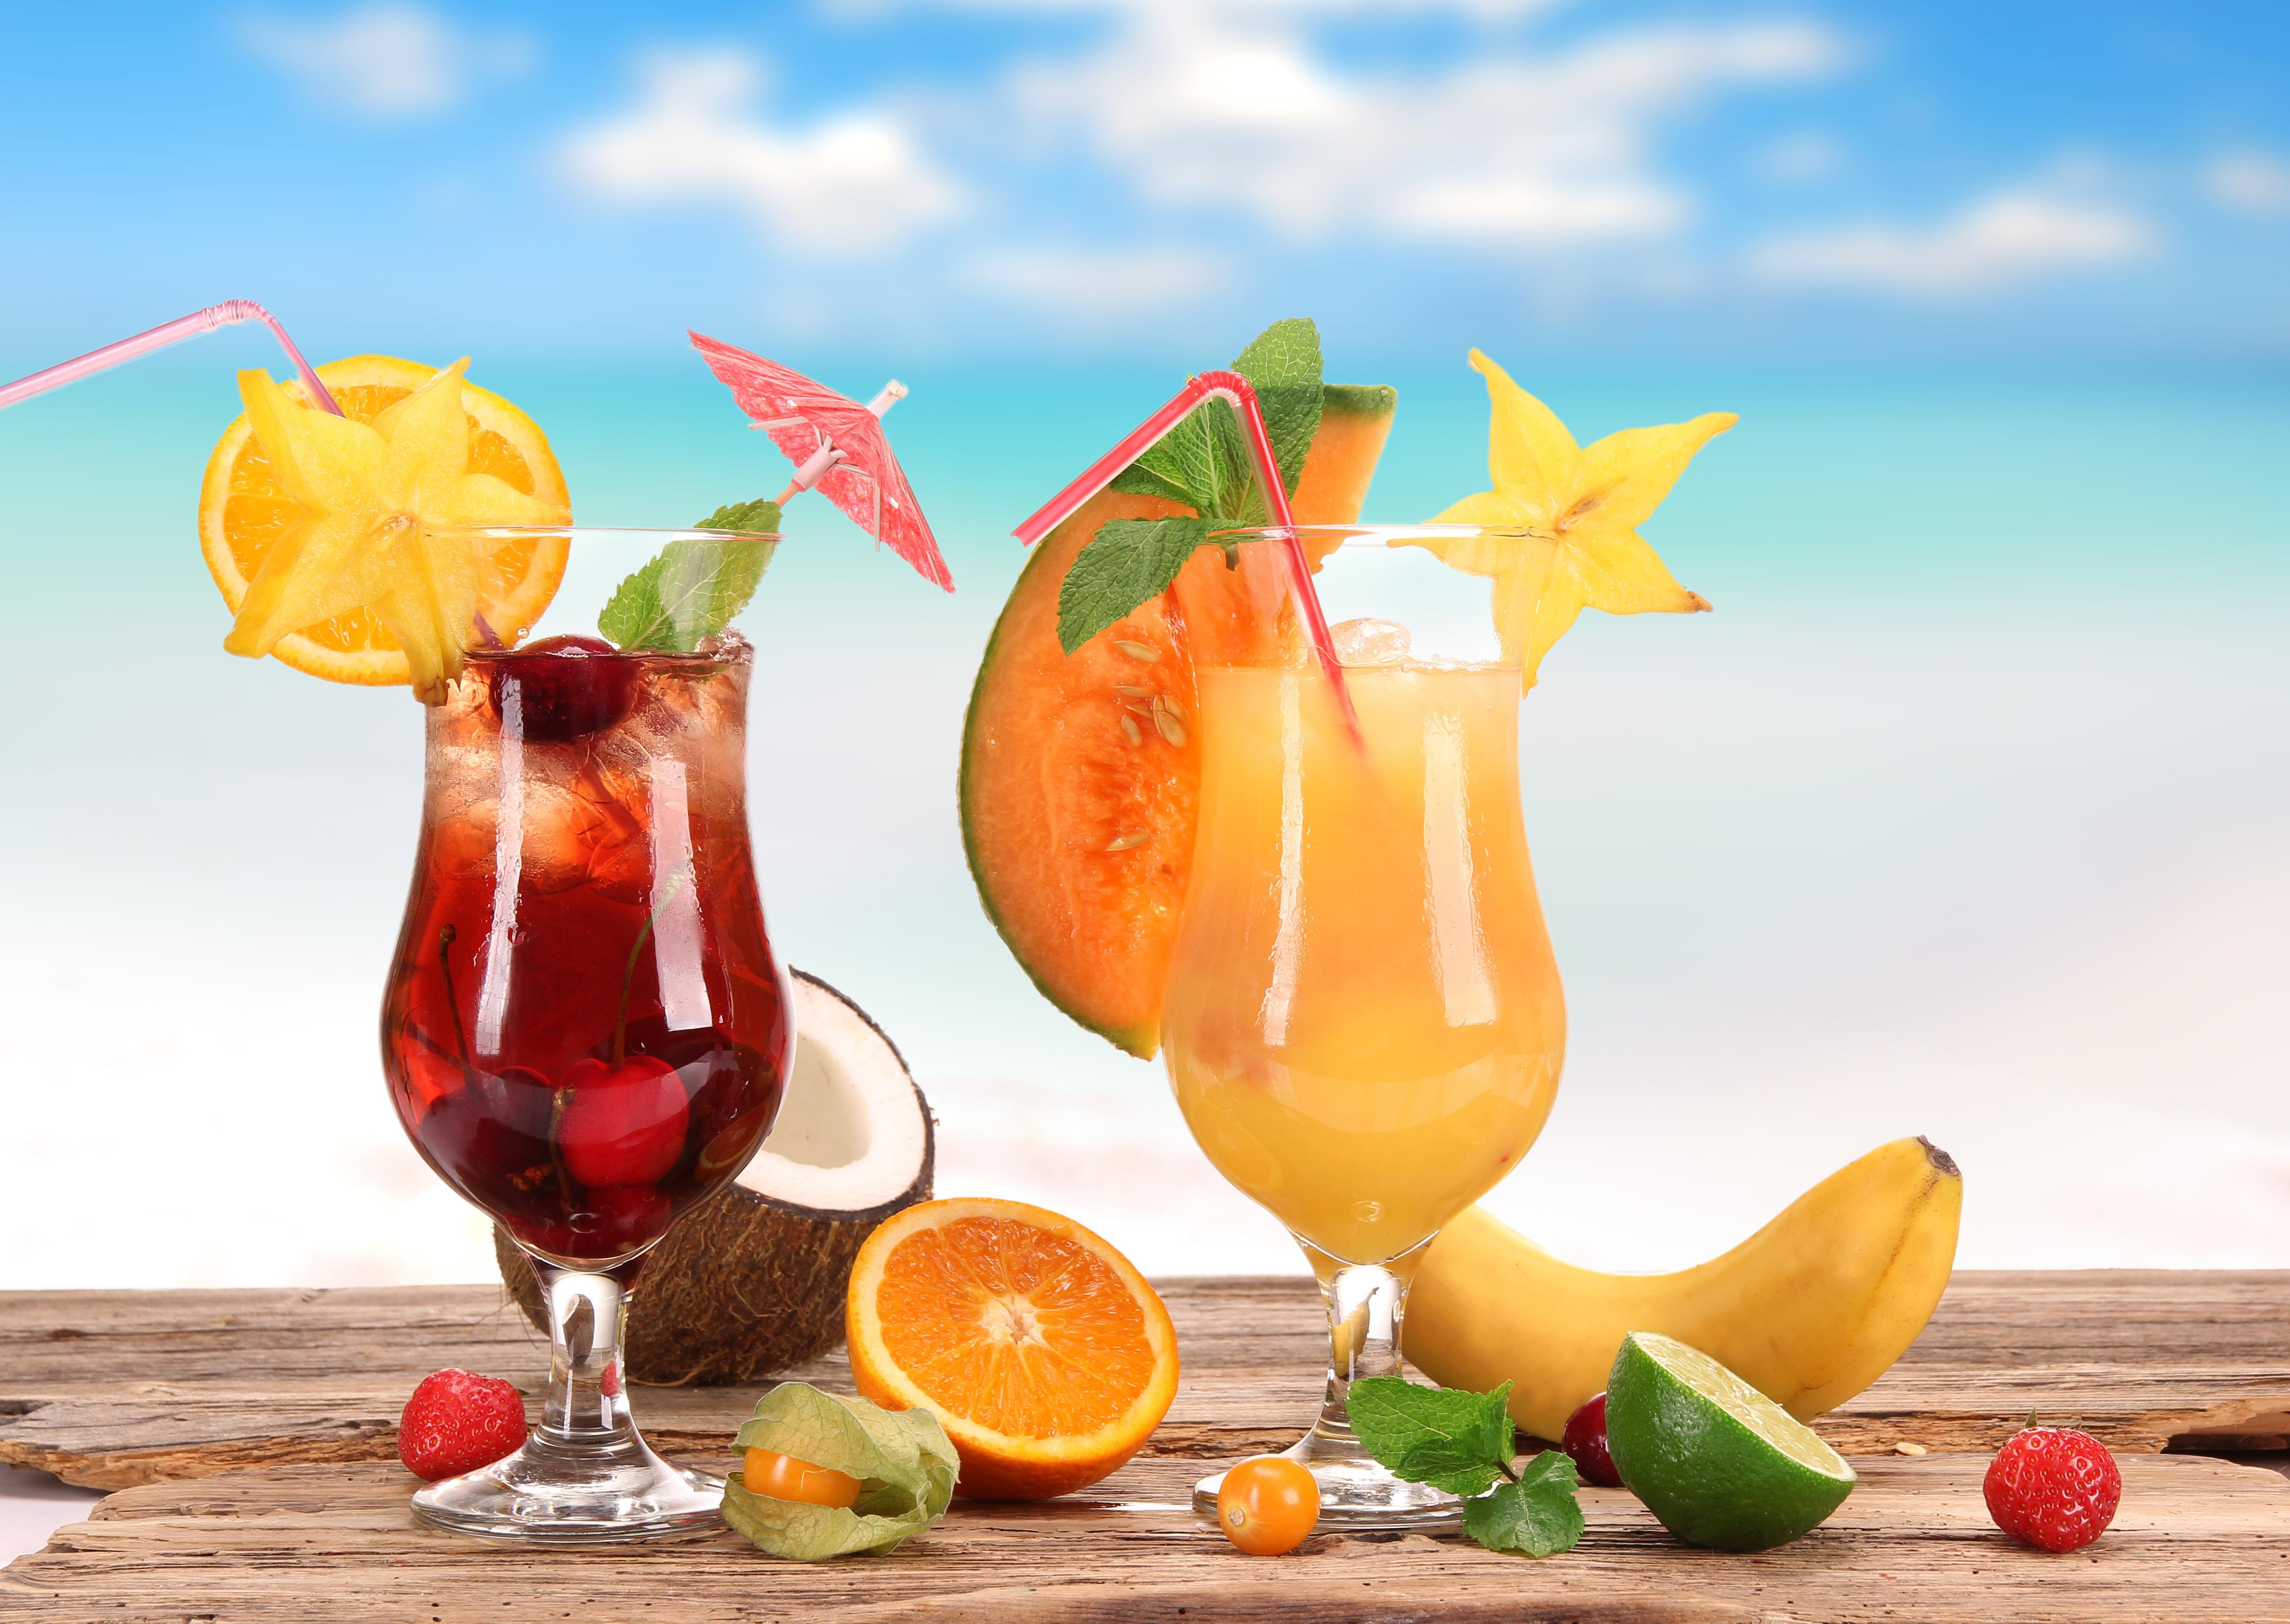 еда сок апельсины клубника кокос коктейль скачать